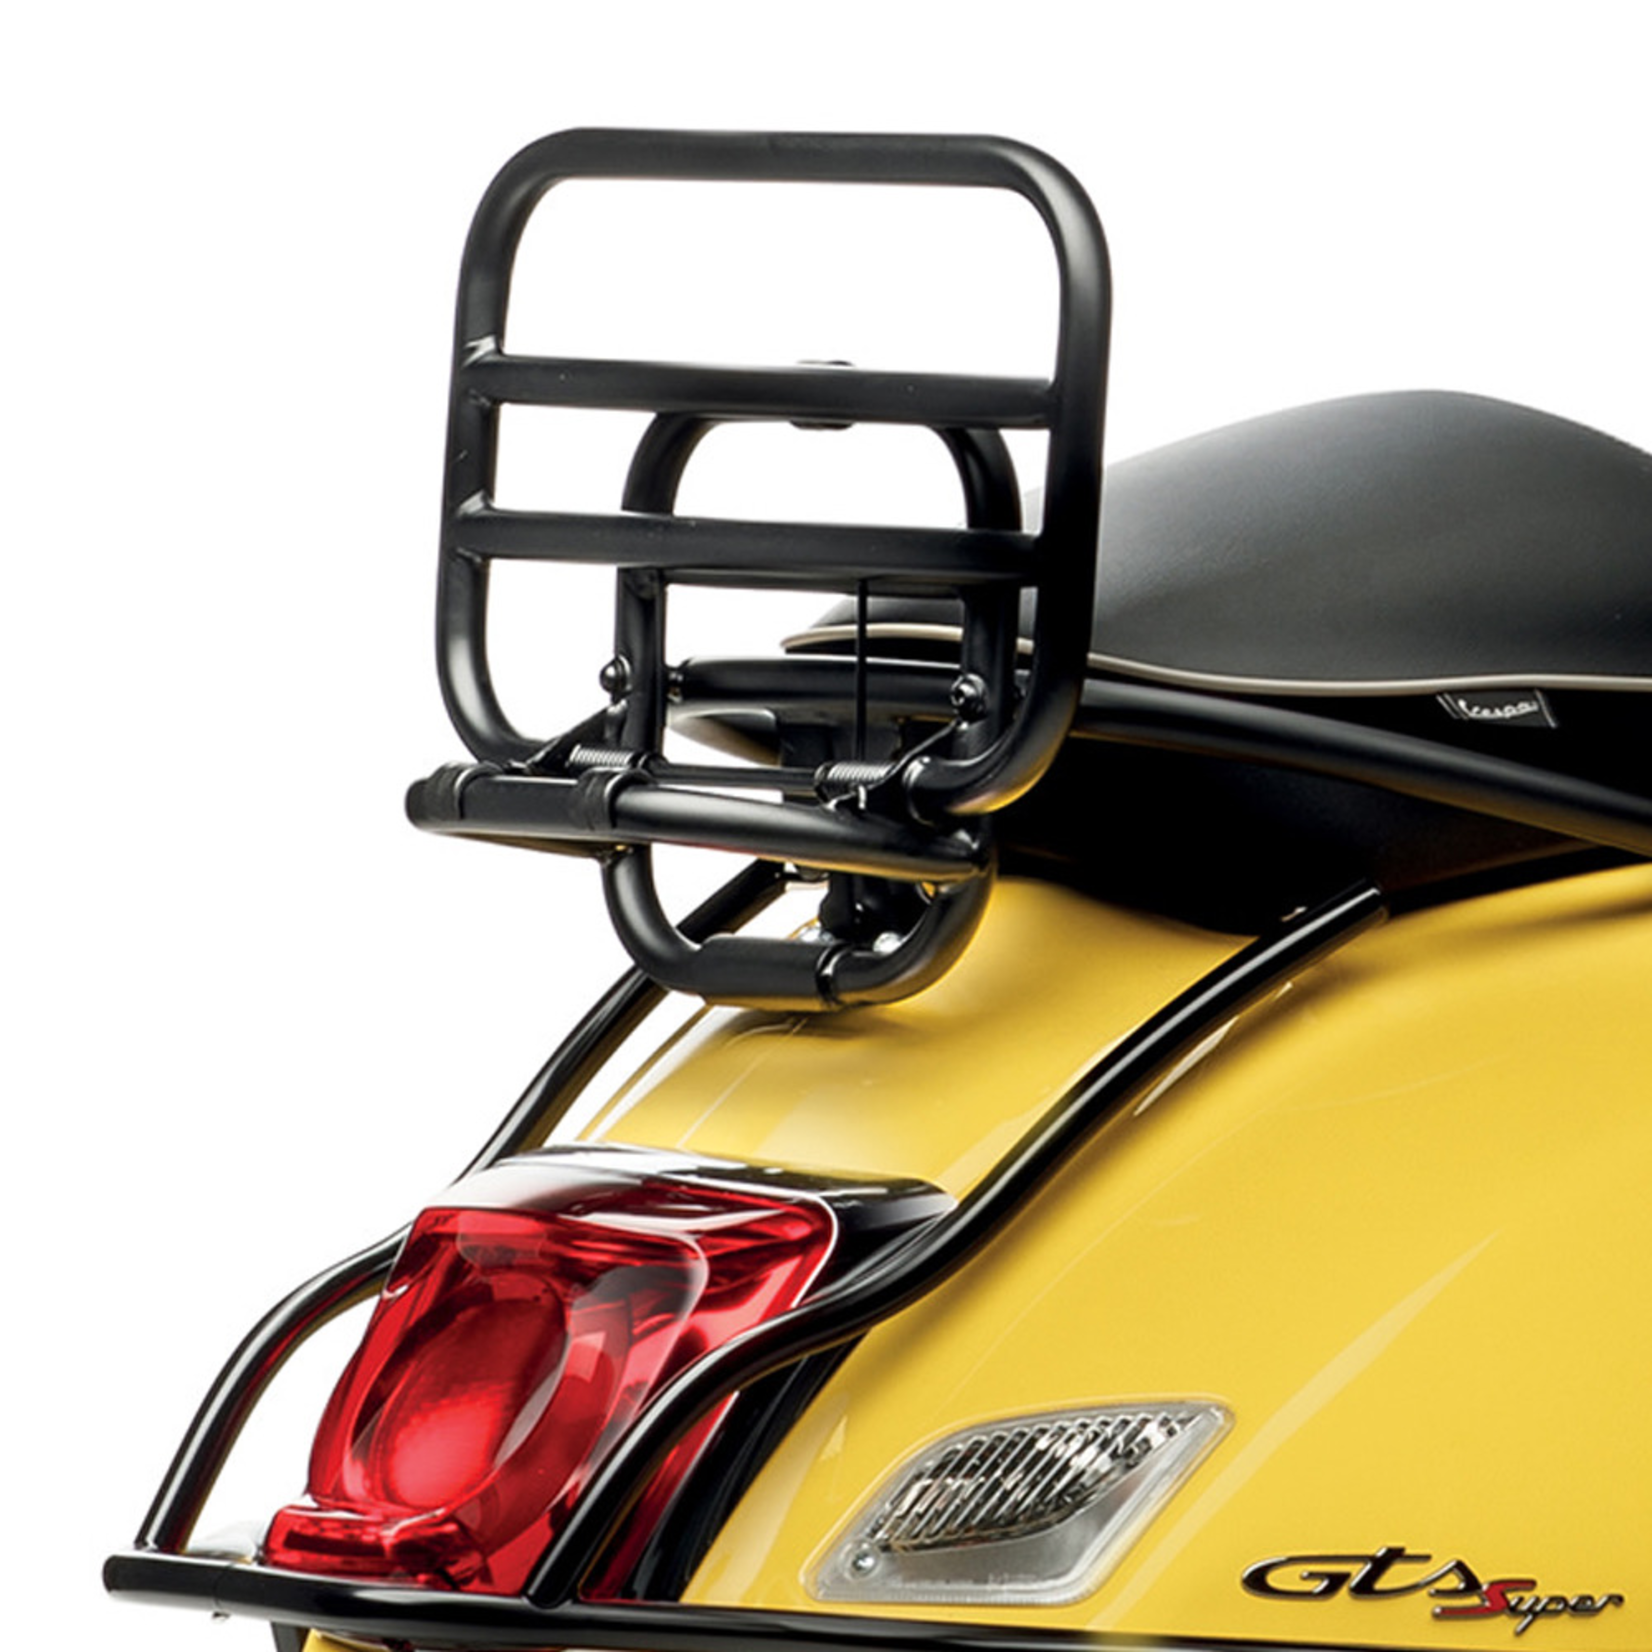 Accessories Rack, GTS Super Rear OEM Black Folding